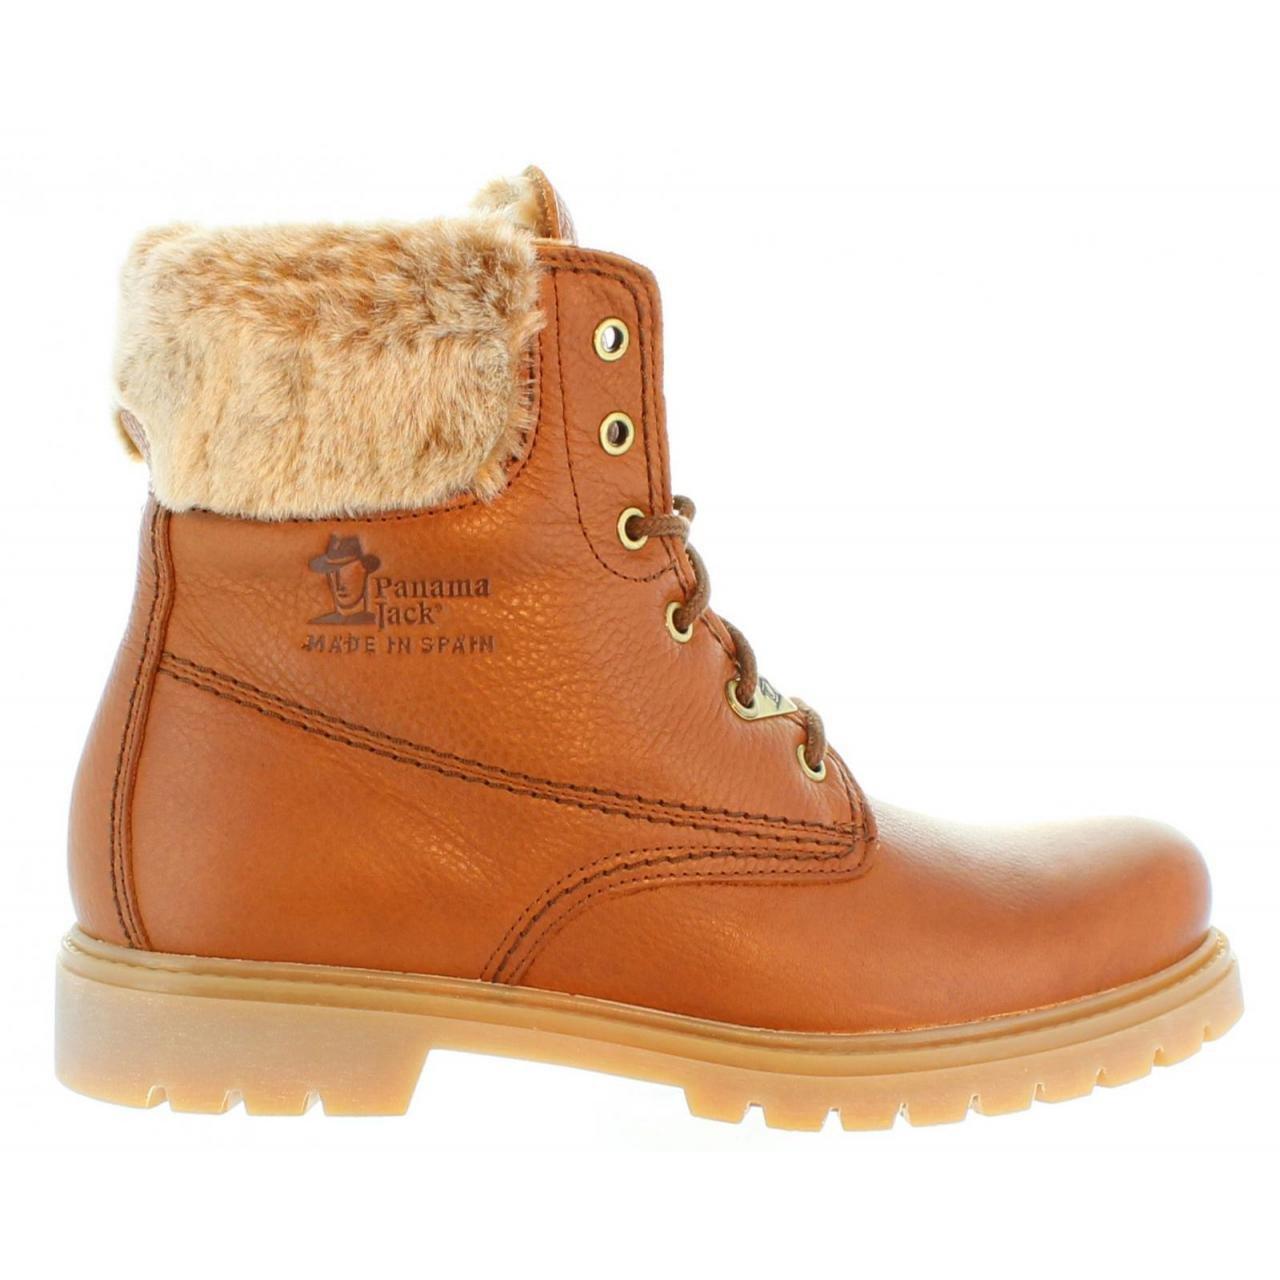 Stiefel für Damen PANAMA JACK FELICIA B3 NAPA GRASS CUERO Schuhgröße 38